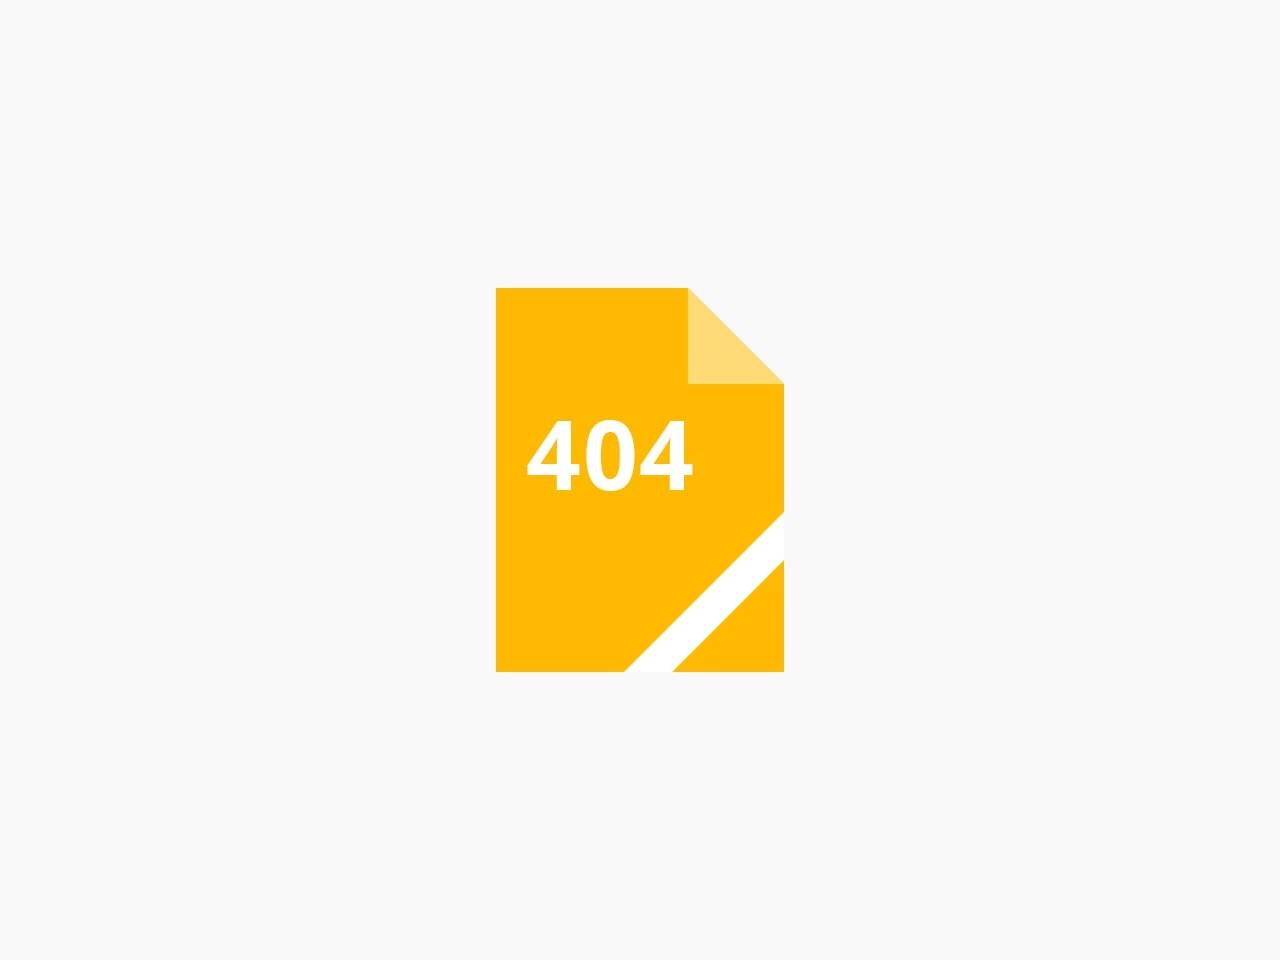 365微信编辑器_微信公众号文章一键排版,微信图文美化,在线内容编辑工具-365编辑器